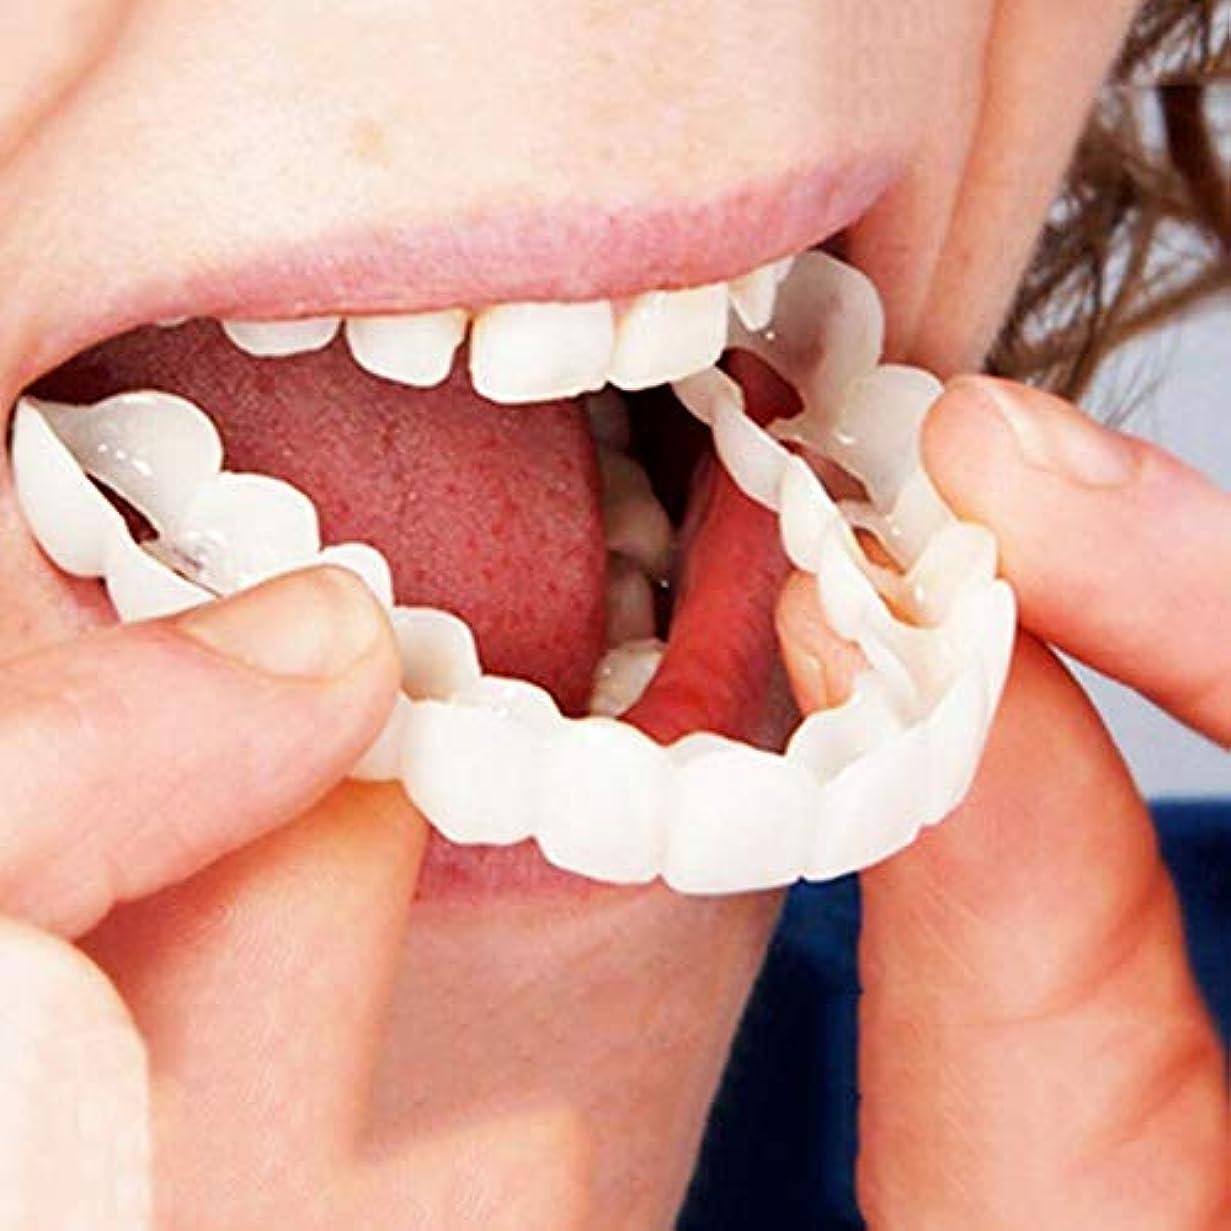 お金辛な好奇心盛TerGOOSE 歯 矯正 矯正器 歯を白く 矯正用リテーナー 完璧な笑顔 快適な 歯列矯正 歯並び 噛み合わせ 歯リテイナー 歯ぎしり いびき防止 多機能 健康管理ツール 歯の損傷を防ぐ 有効 (下+上)